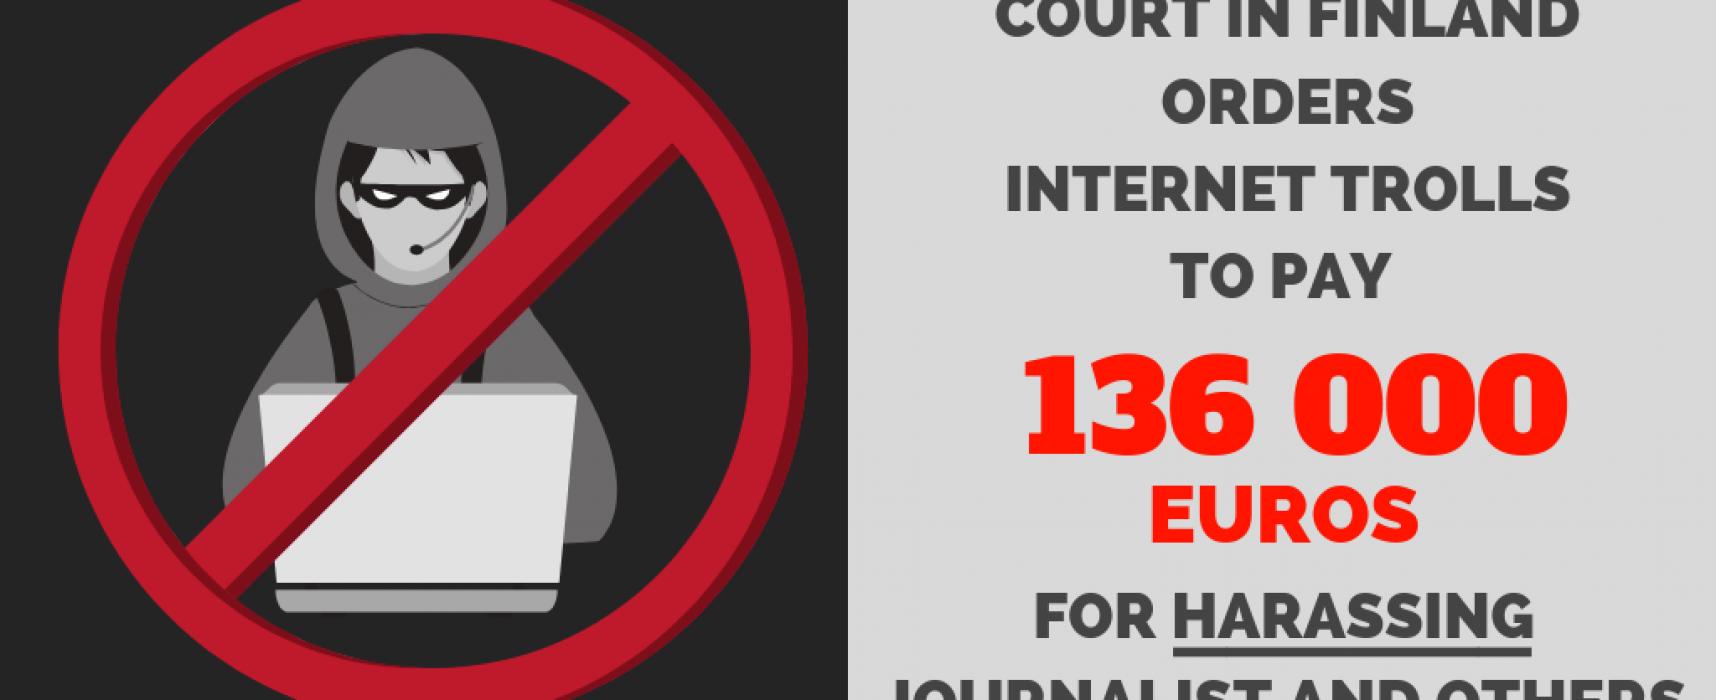 Zahl der Woche: 136,000 Euro Strafe für Internet-Trolling